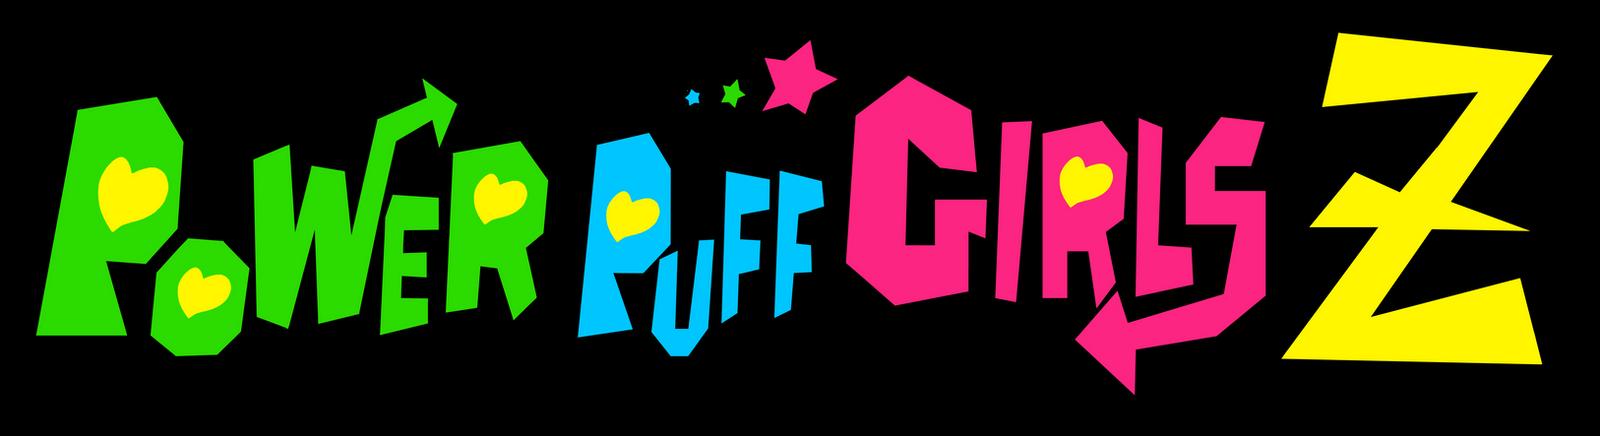 power puff girls z logo vectorgreenmachine987 on deviantart